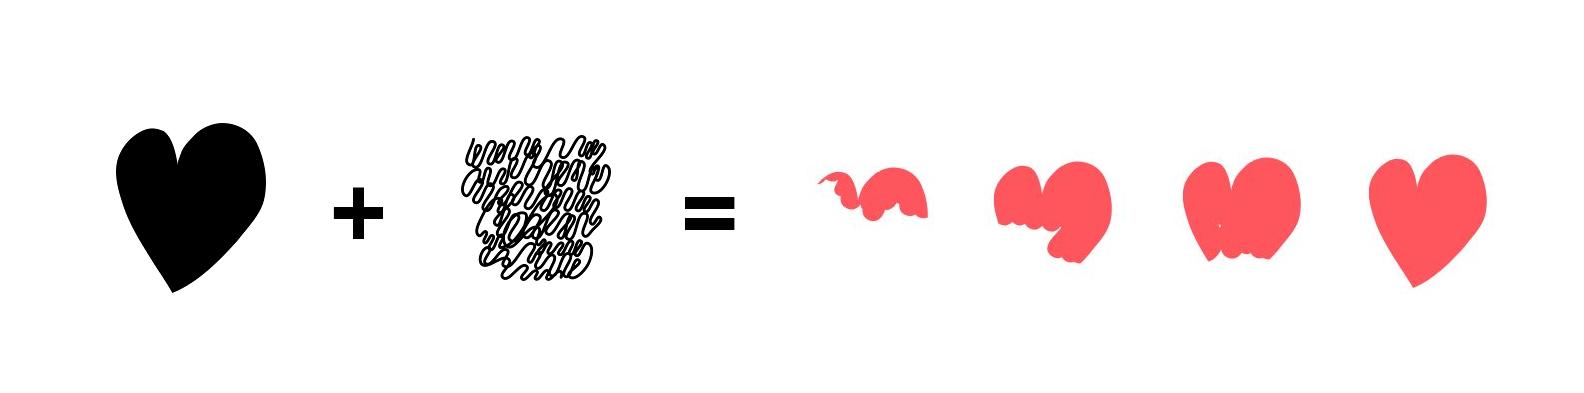 SVG маски и вау-эффекты: о магии простыми словами